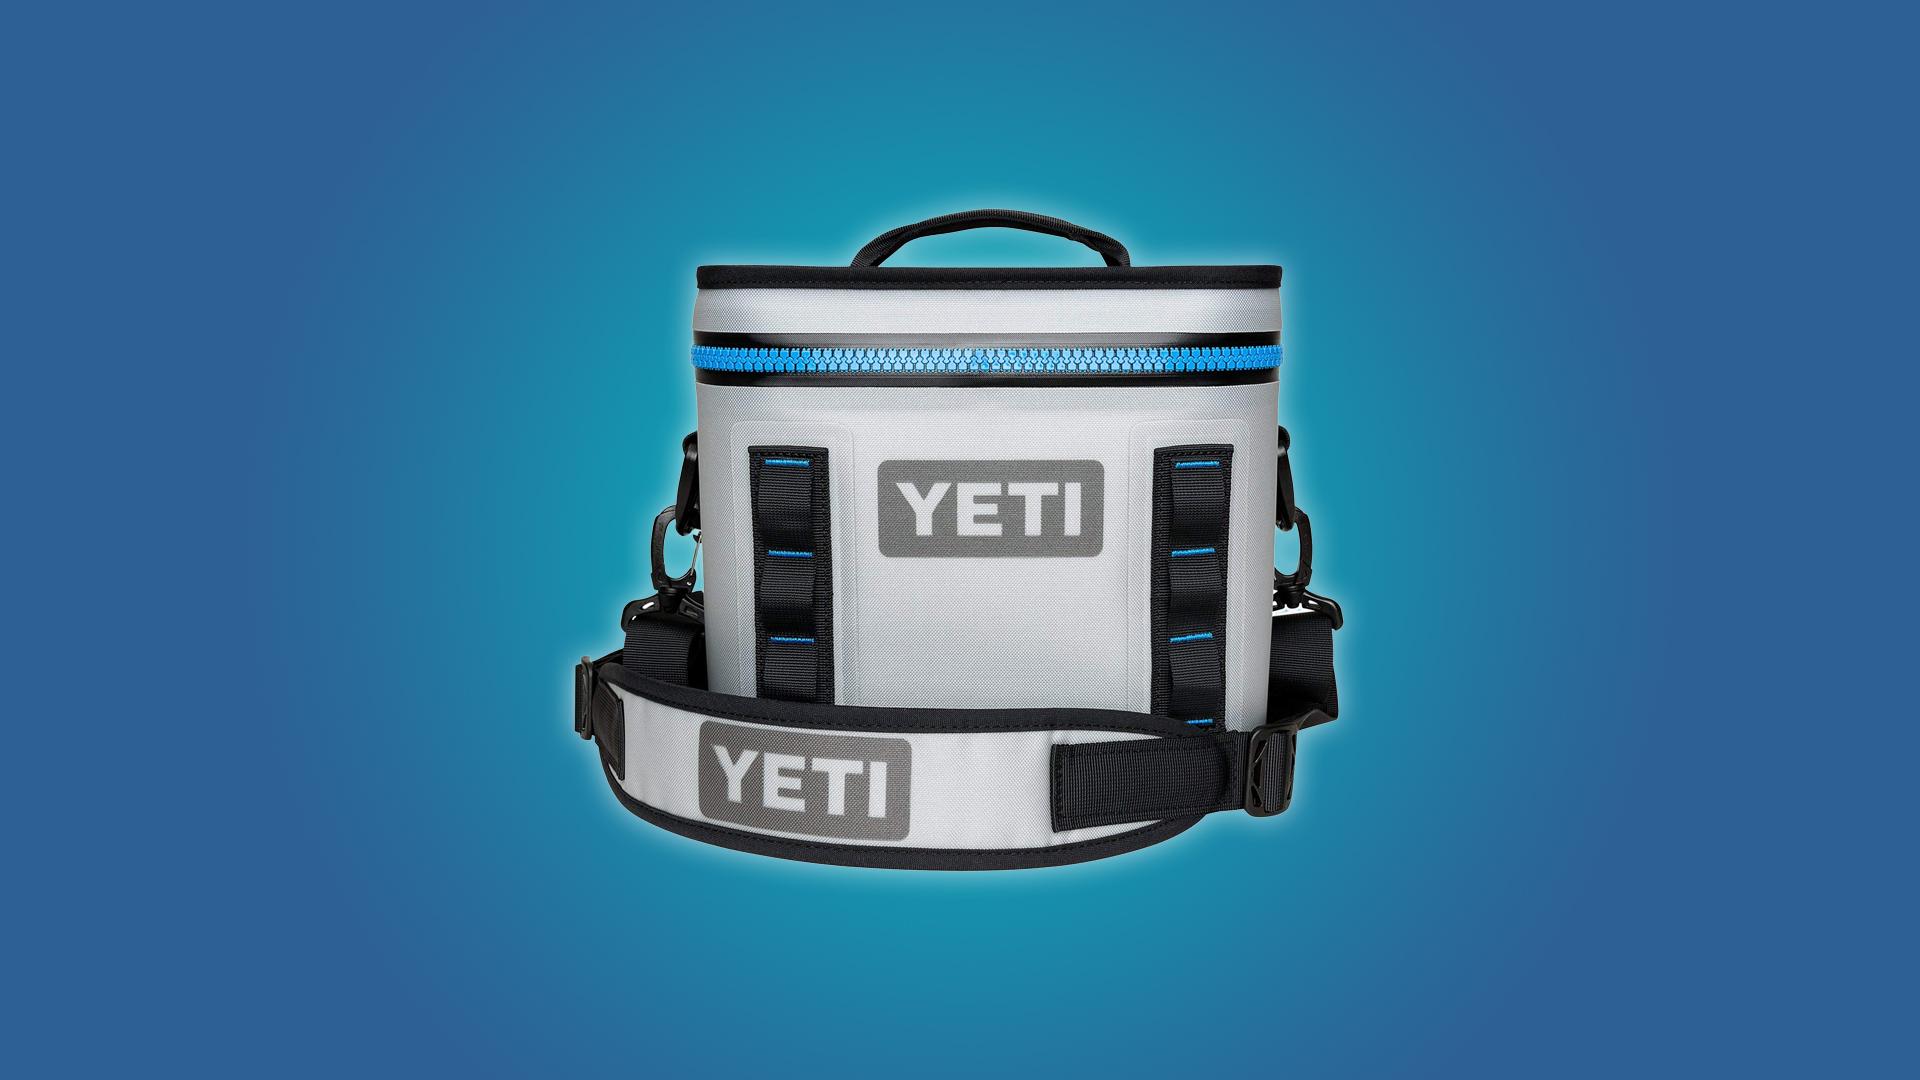 The YETI Hopper 12qt Cooler